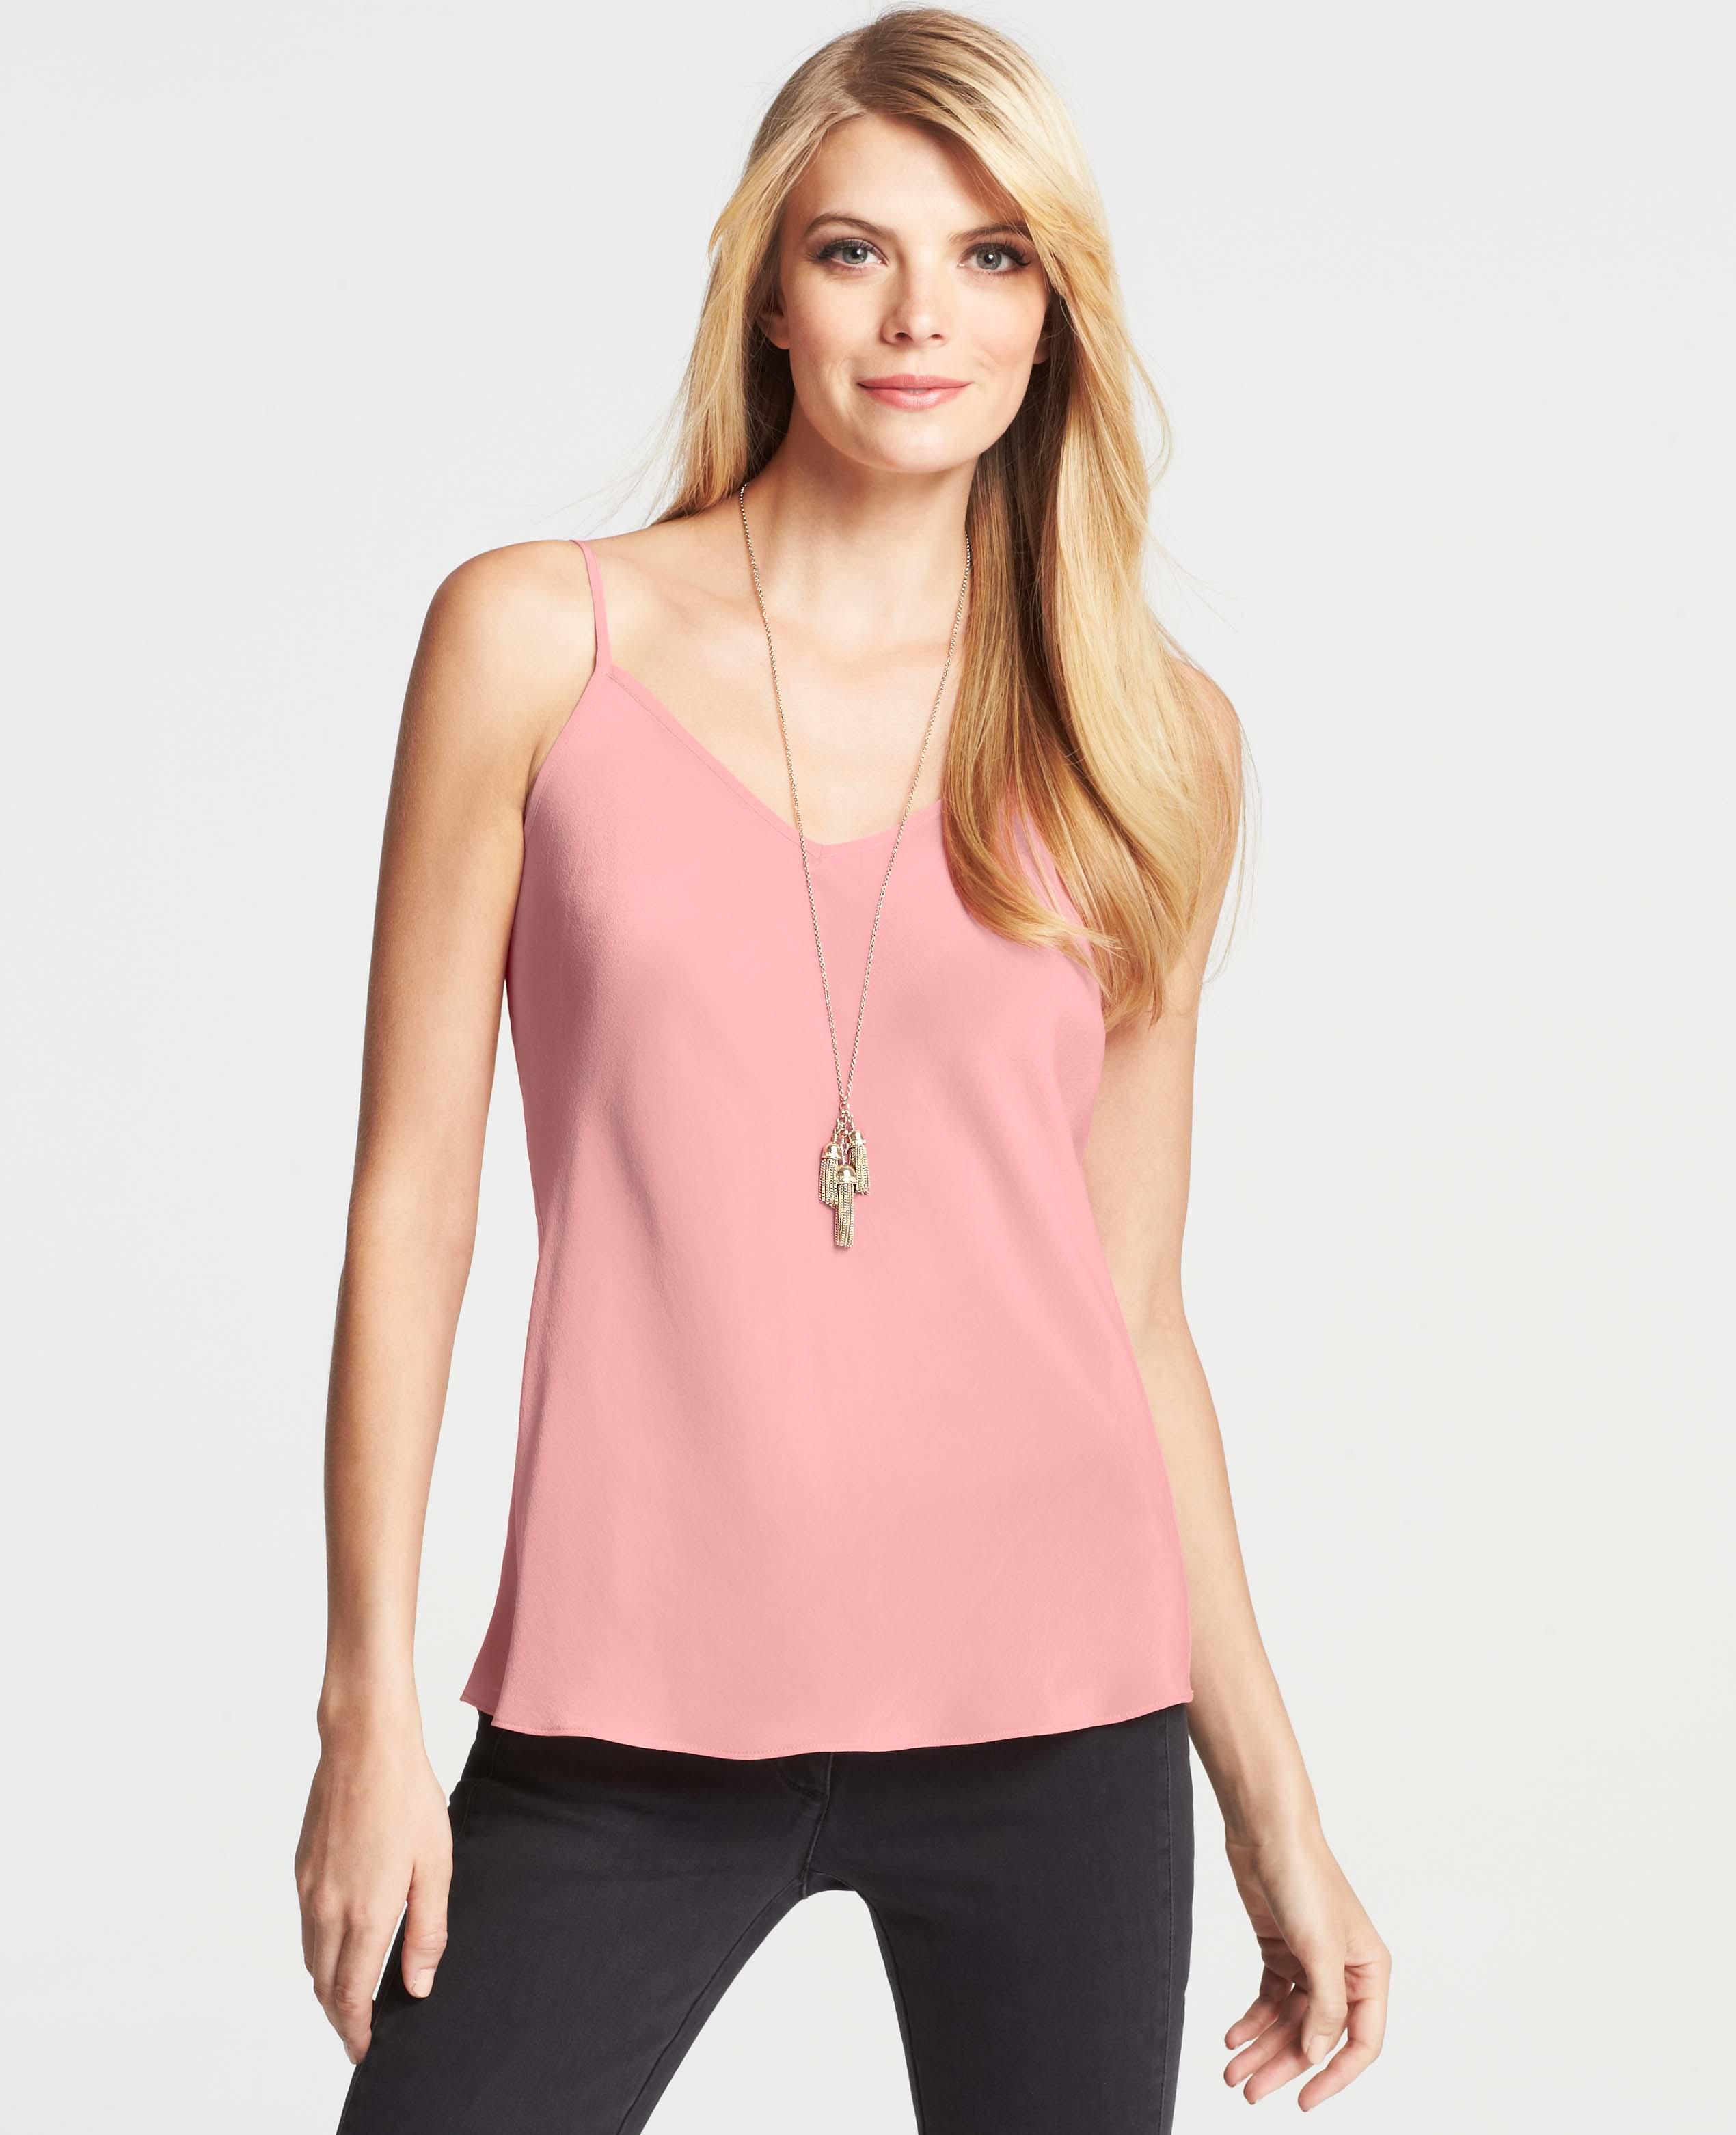 e1bcf9a9f986d Lyst - Ann Taylor Silk Cami in Pink